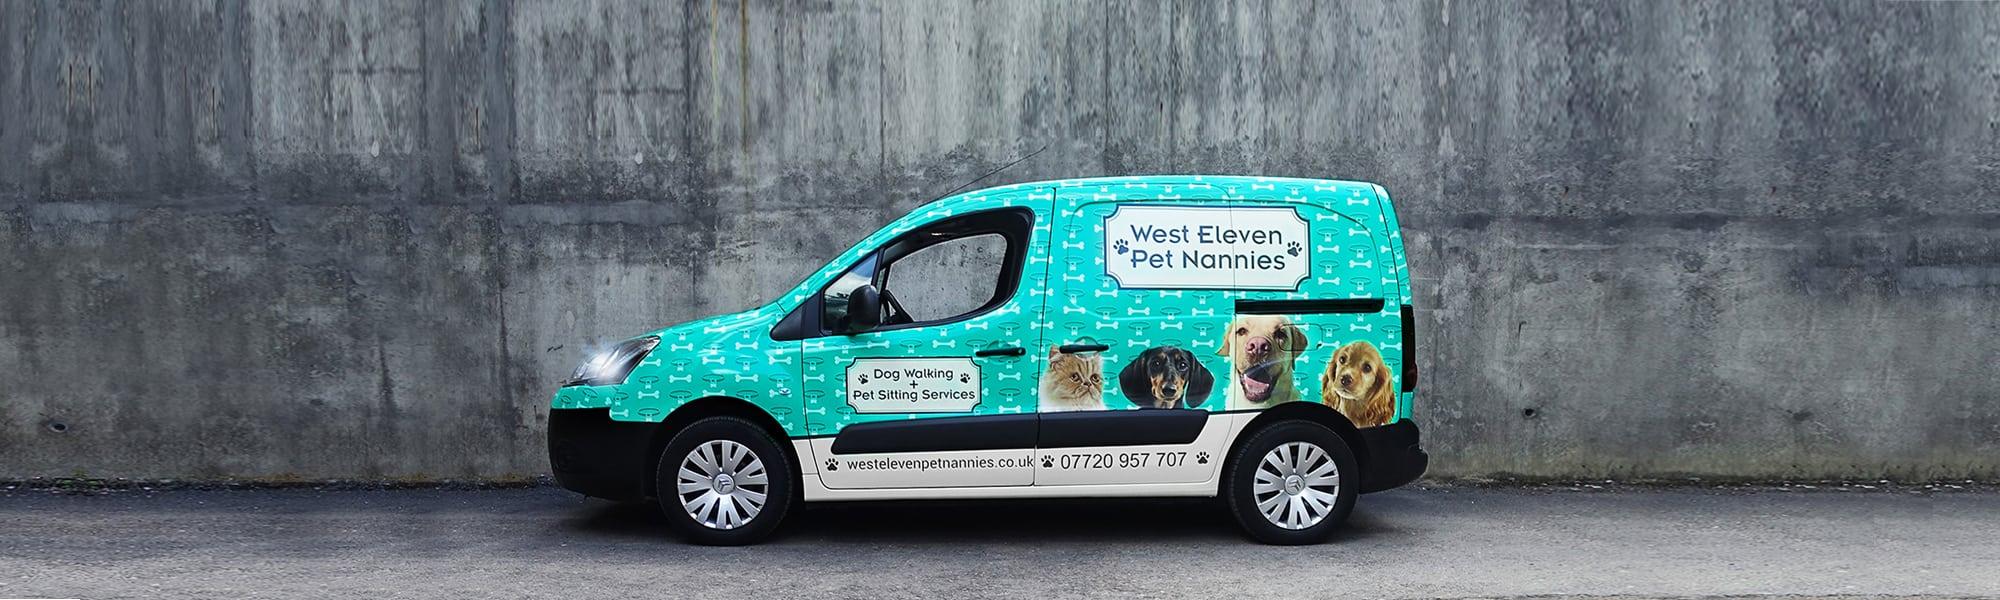 Van Amp Commercial Vinyl Wrapping In Surrey Boss Dog